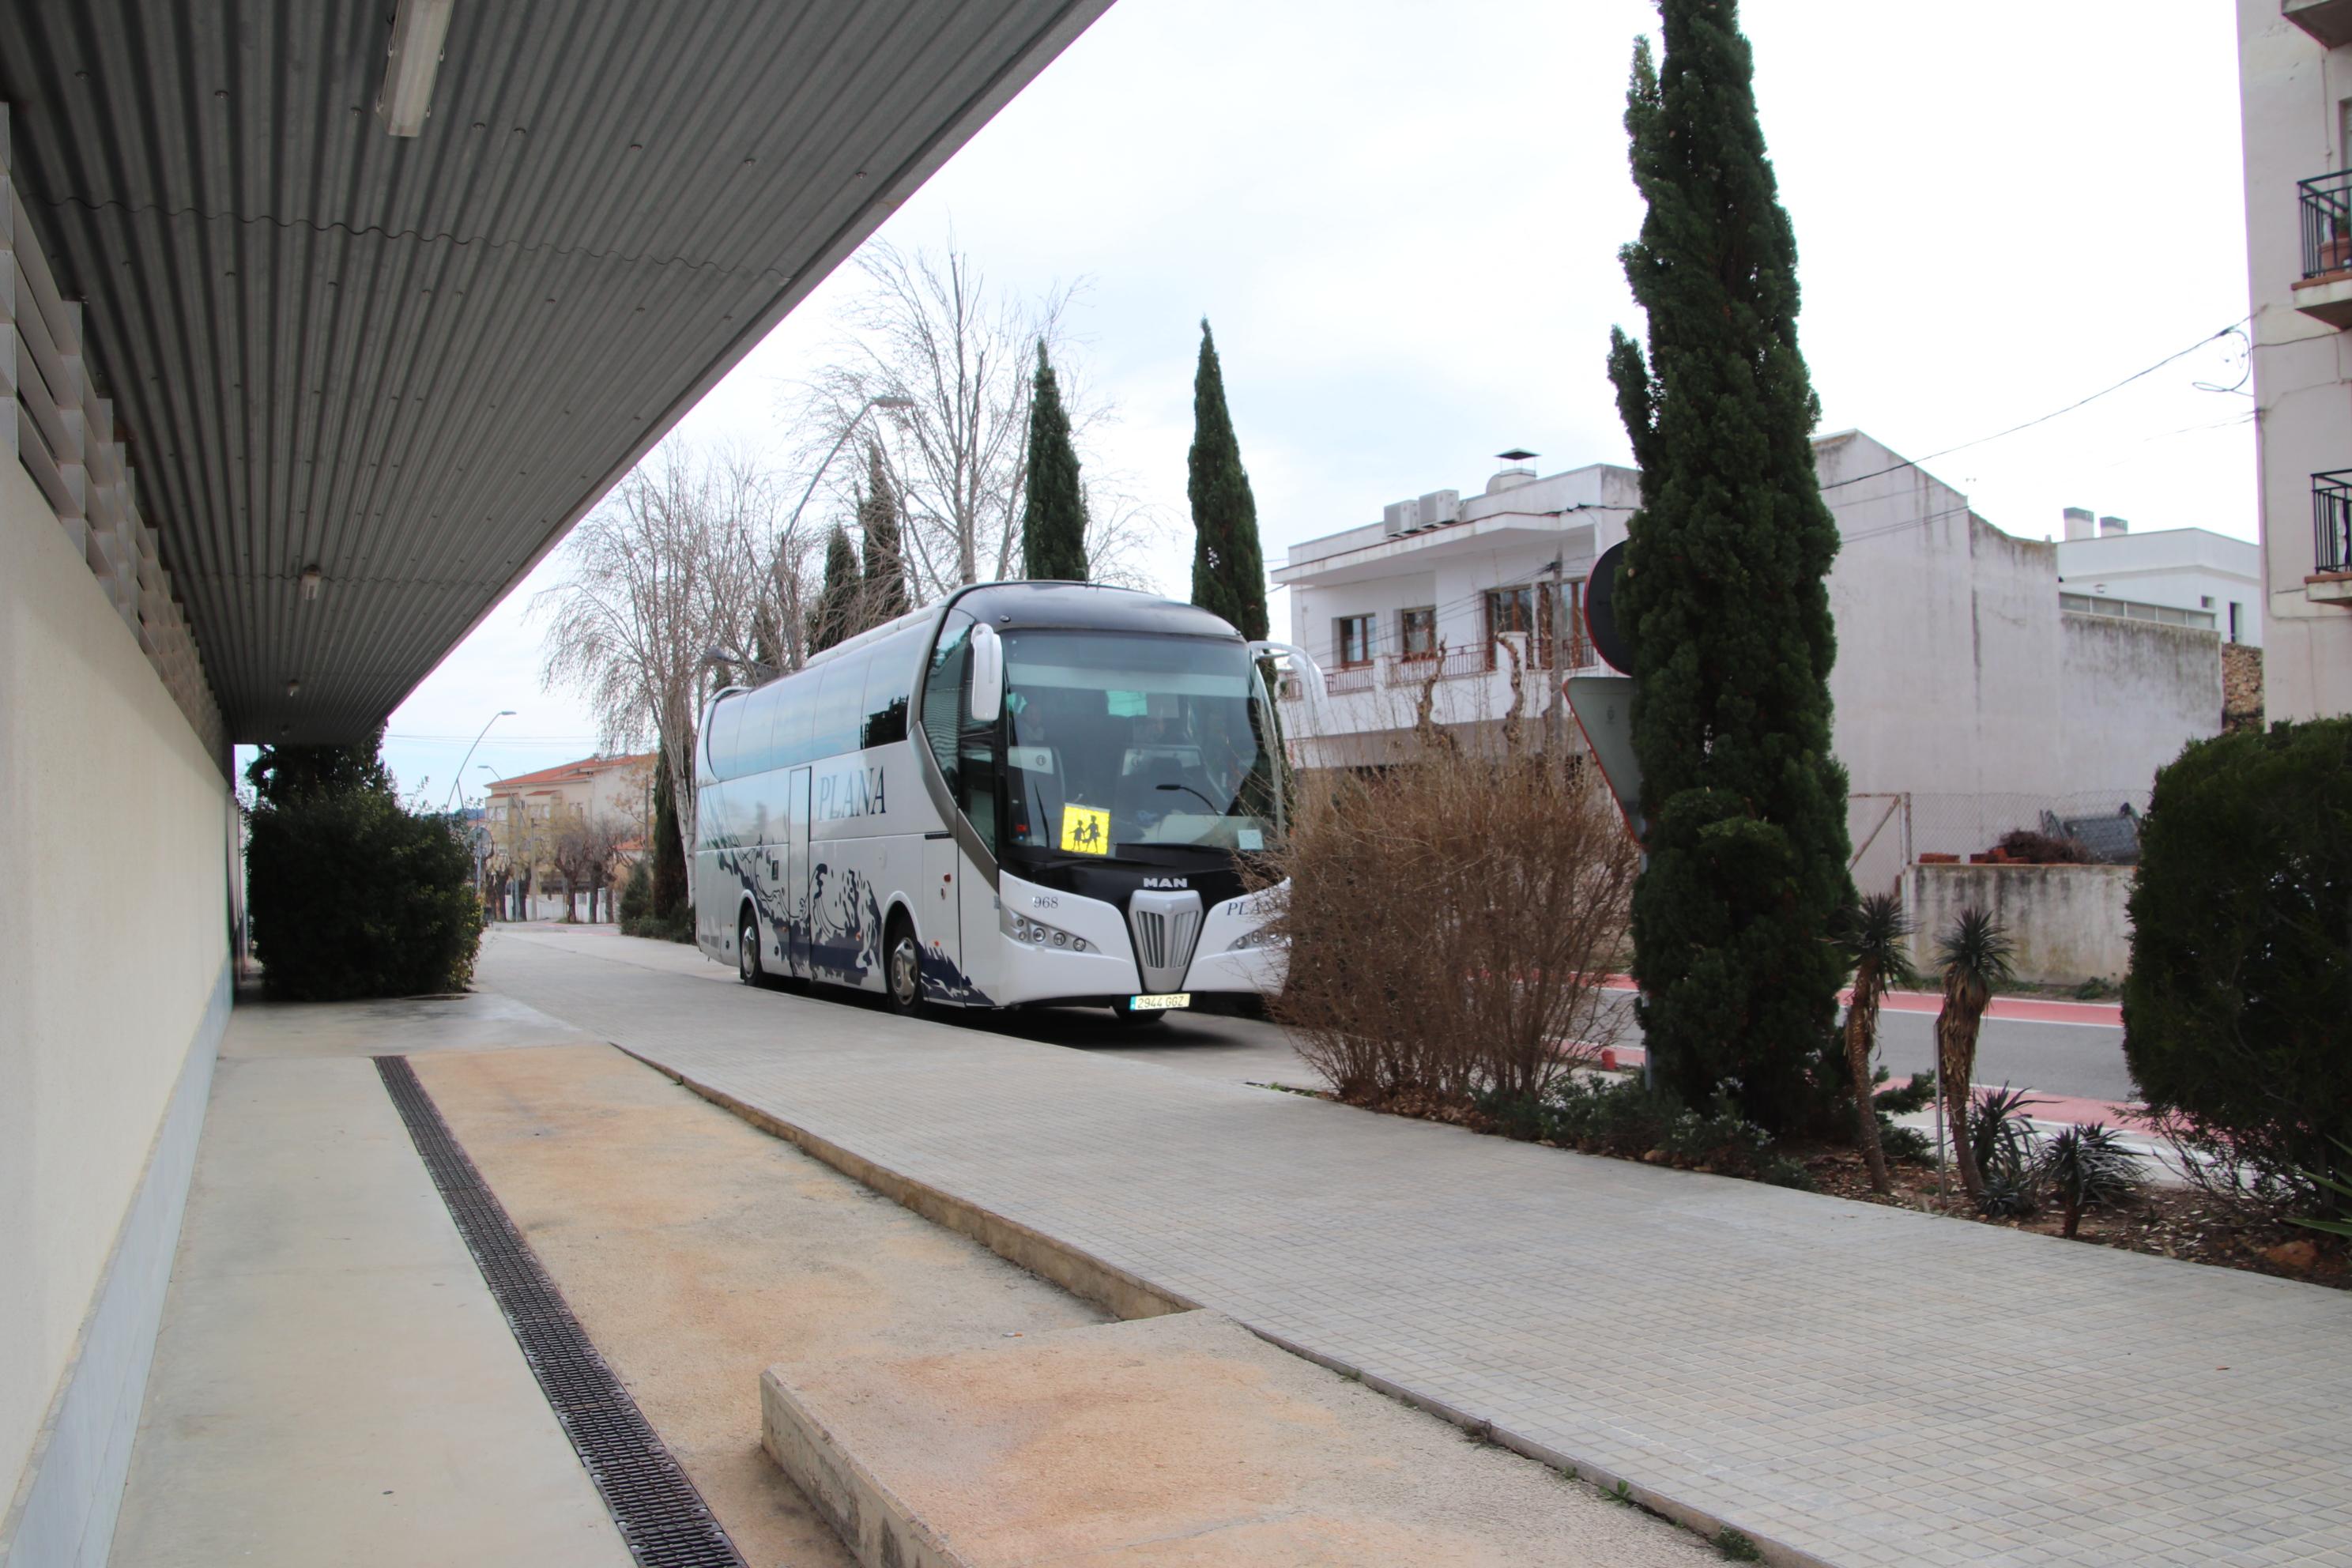 Convocatòria d'ajuts per al menjador escolar i sol·licitud per al transport escolar del Consell Comarcal del Baix Penedès